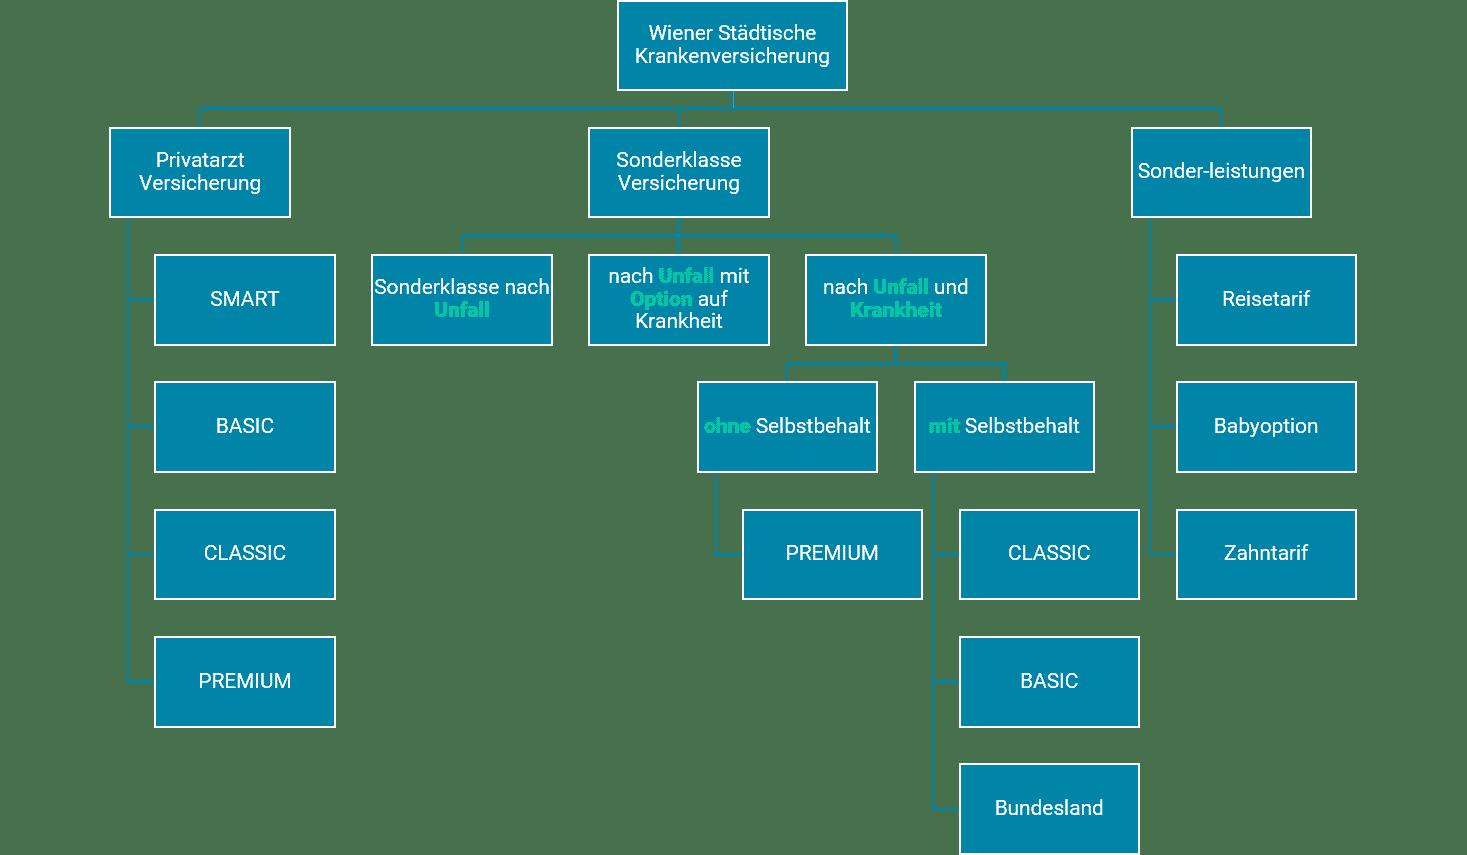 Wiener Städtische Krankenversicherung Tarifübersicht